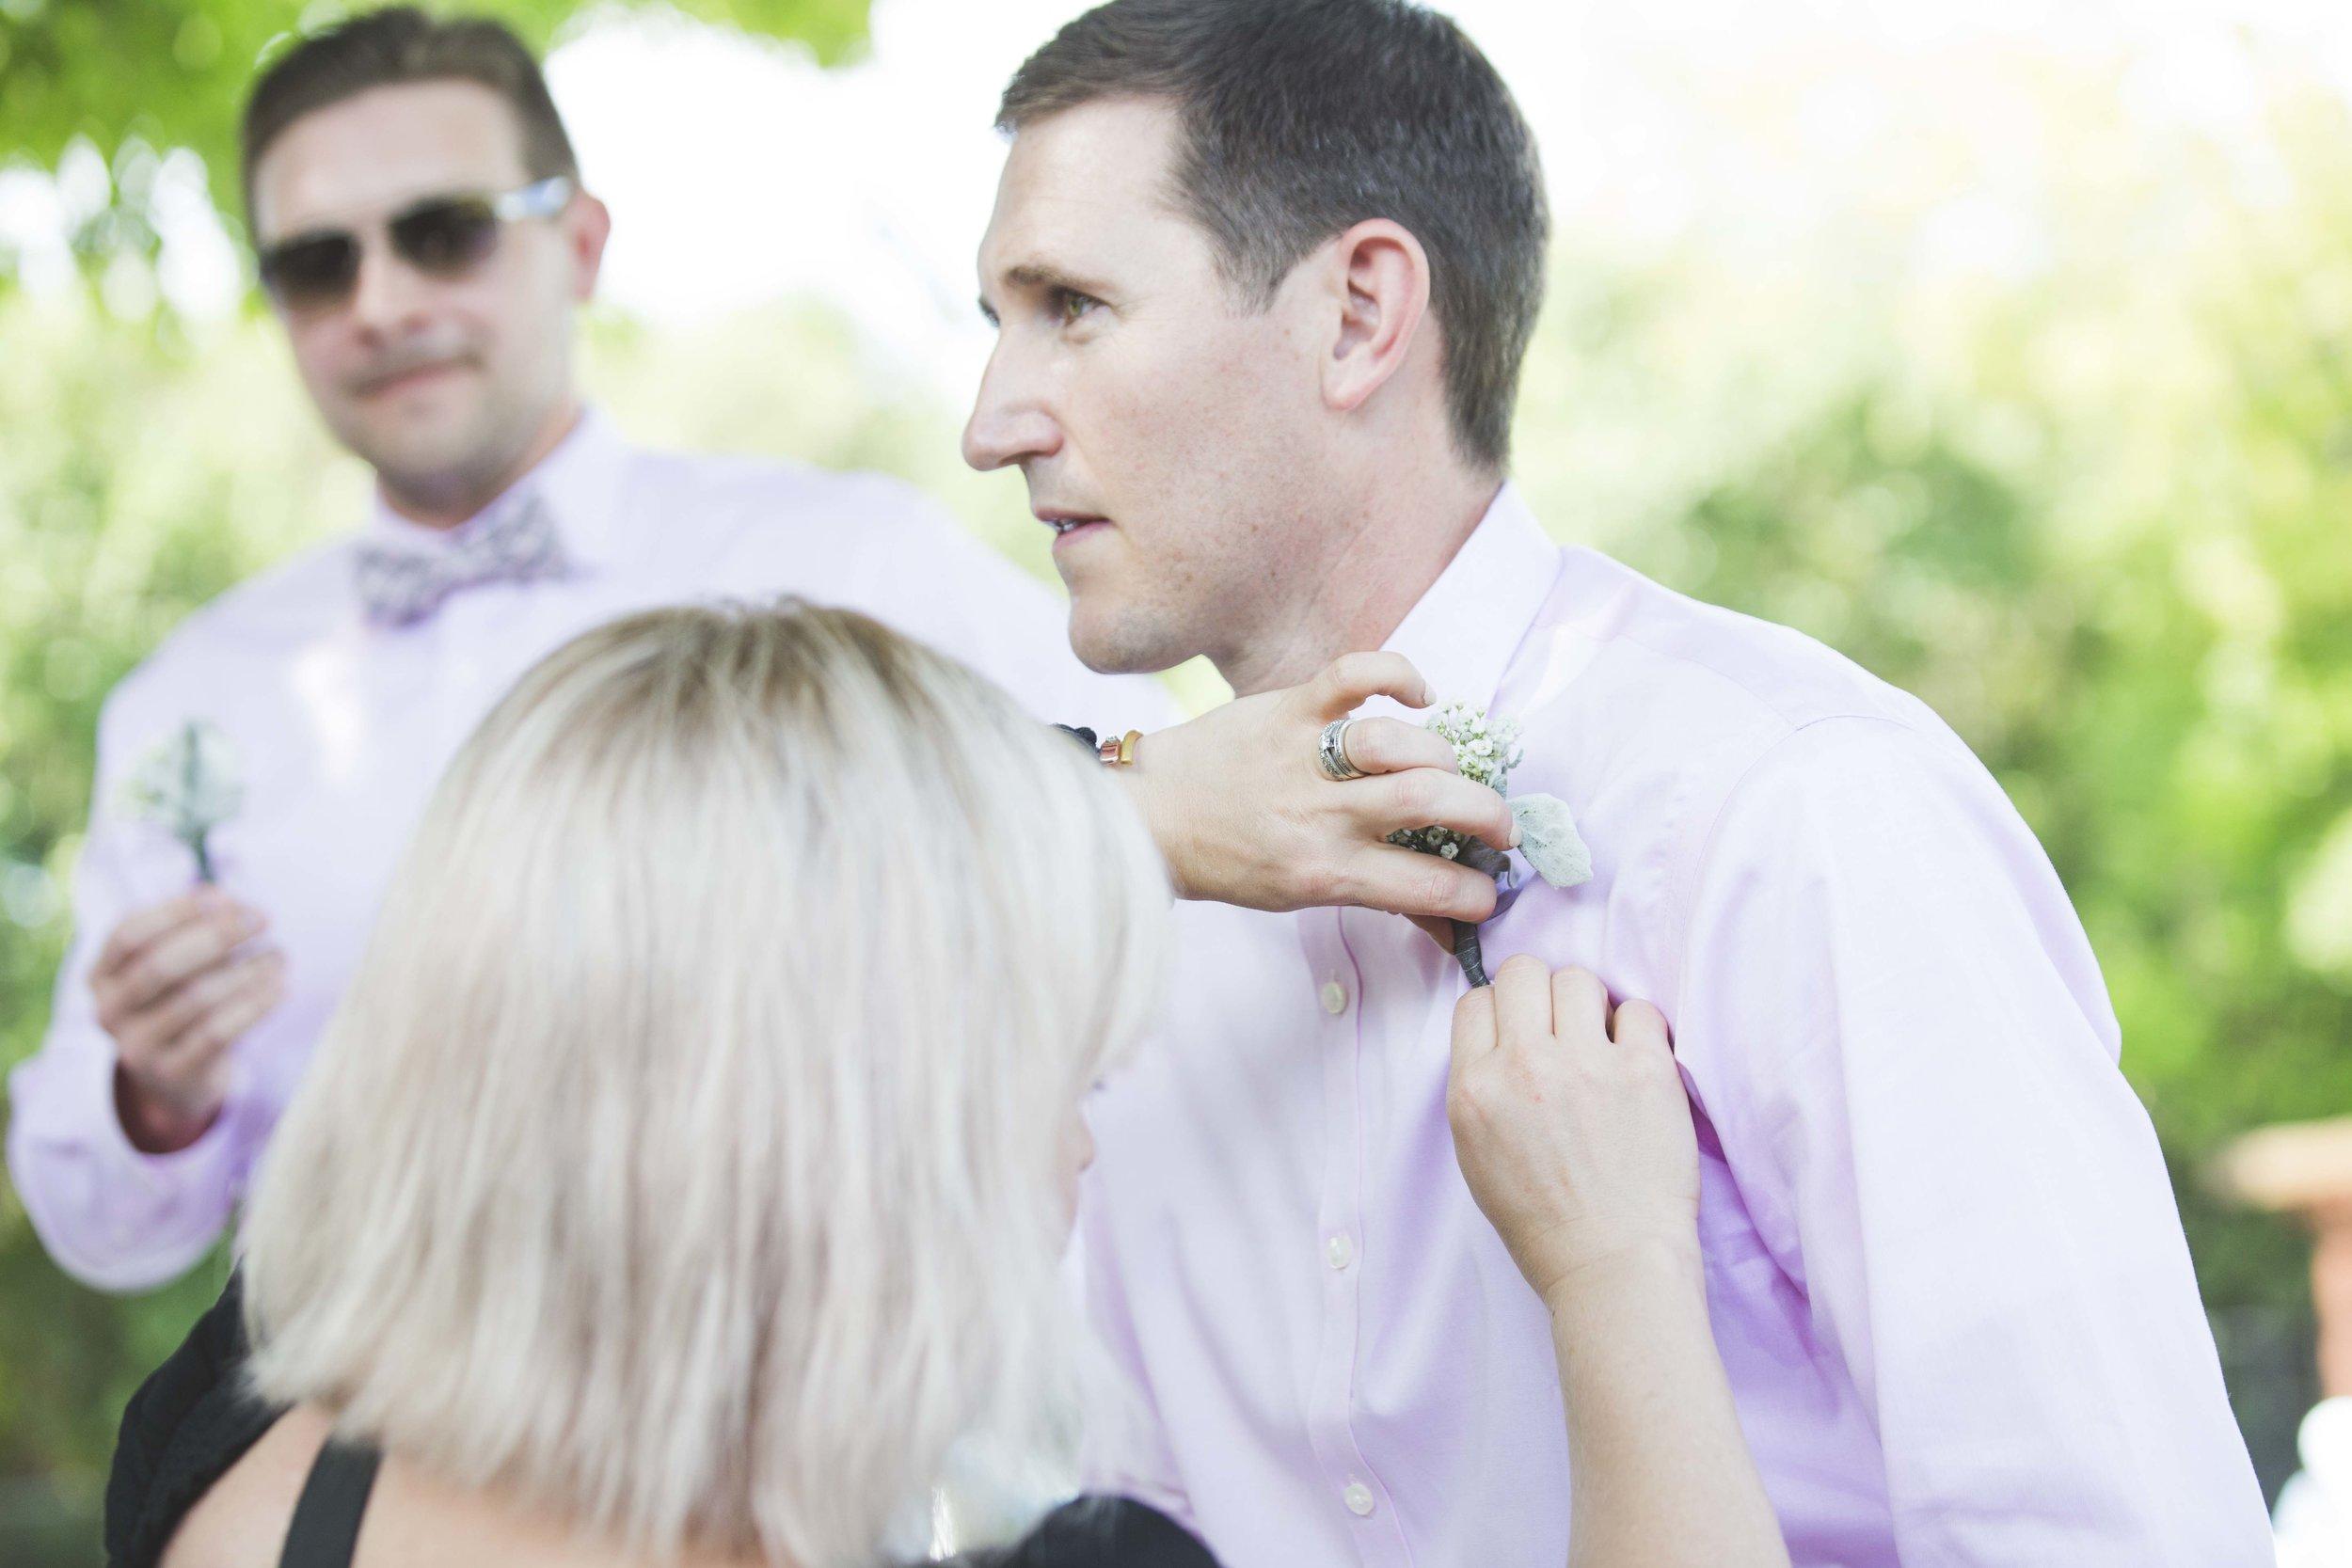 ATGI_Susanna & Matt Wedding_717A7401.jpg